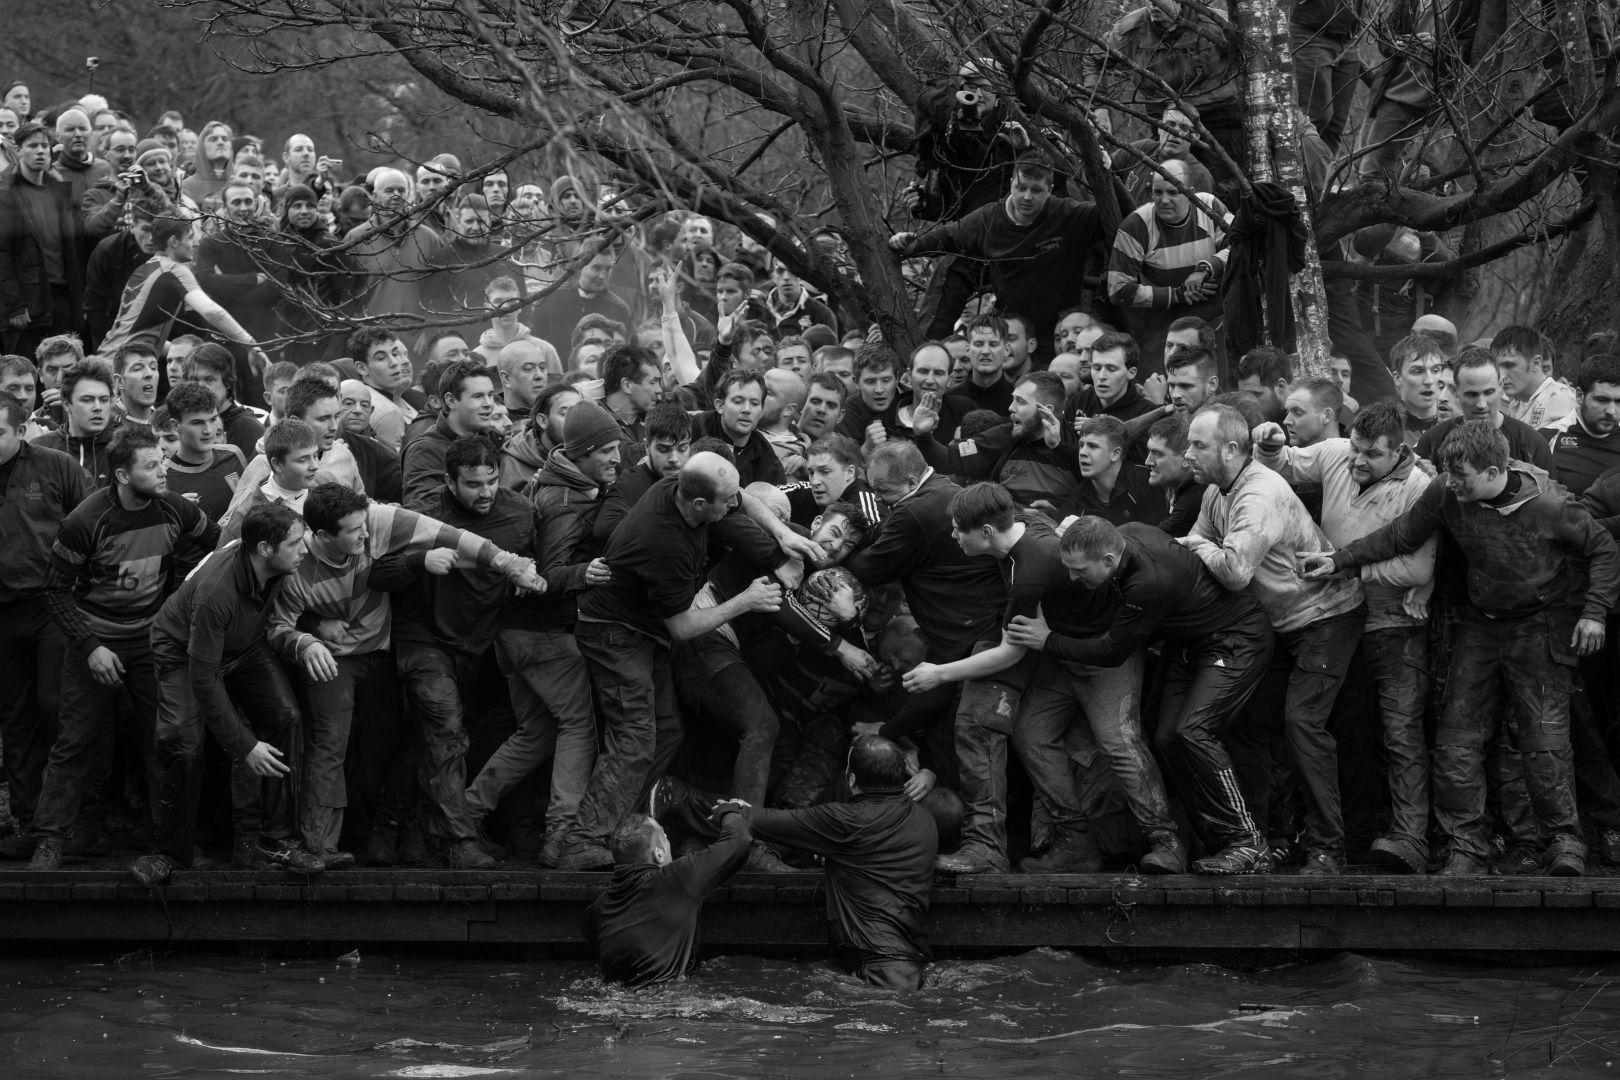 Королевский Масленичный футбол, © Оливер Скарфф, Великобритания, 1-й приз : одиночный кадр, Фотоконкурс World Press Photo